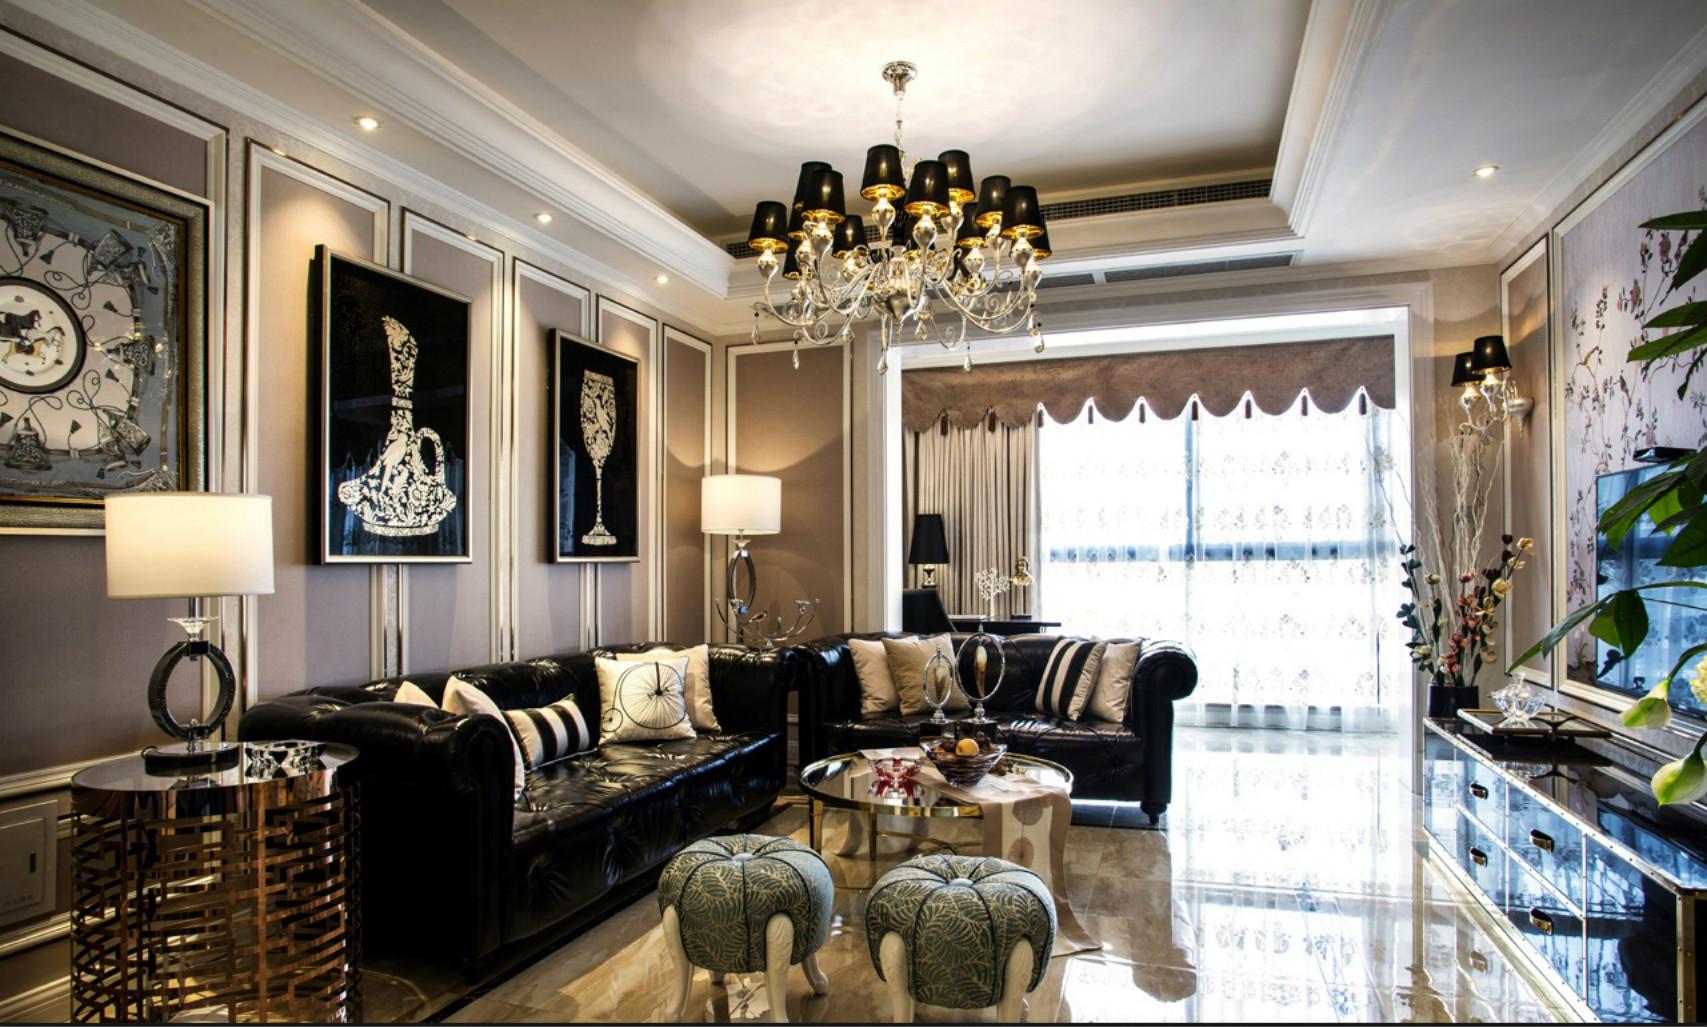 客厅一张黑皮质的沙发,两边便于移动的灯,可以照顾到坐在不同位置的客人。